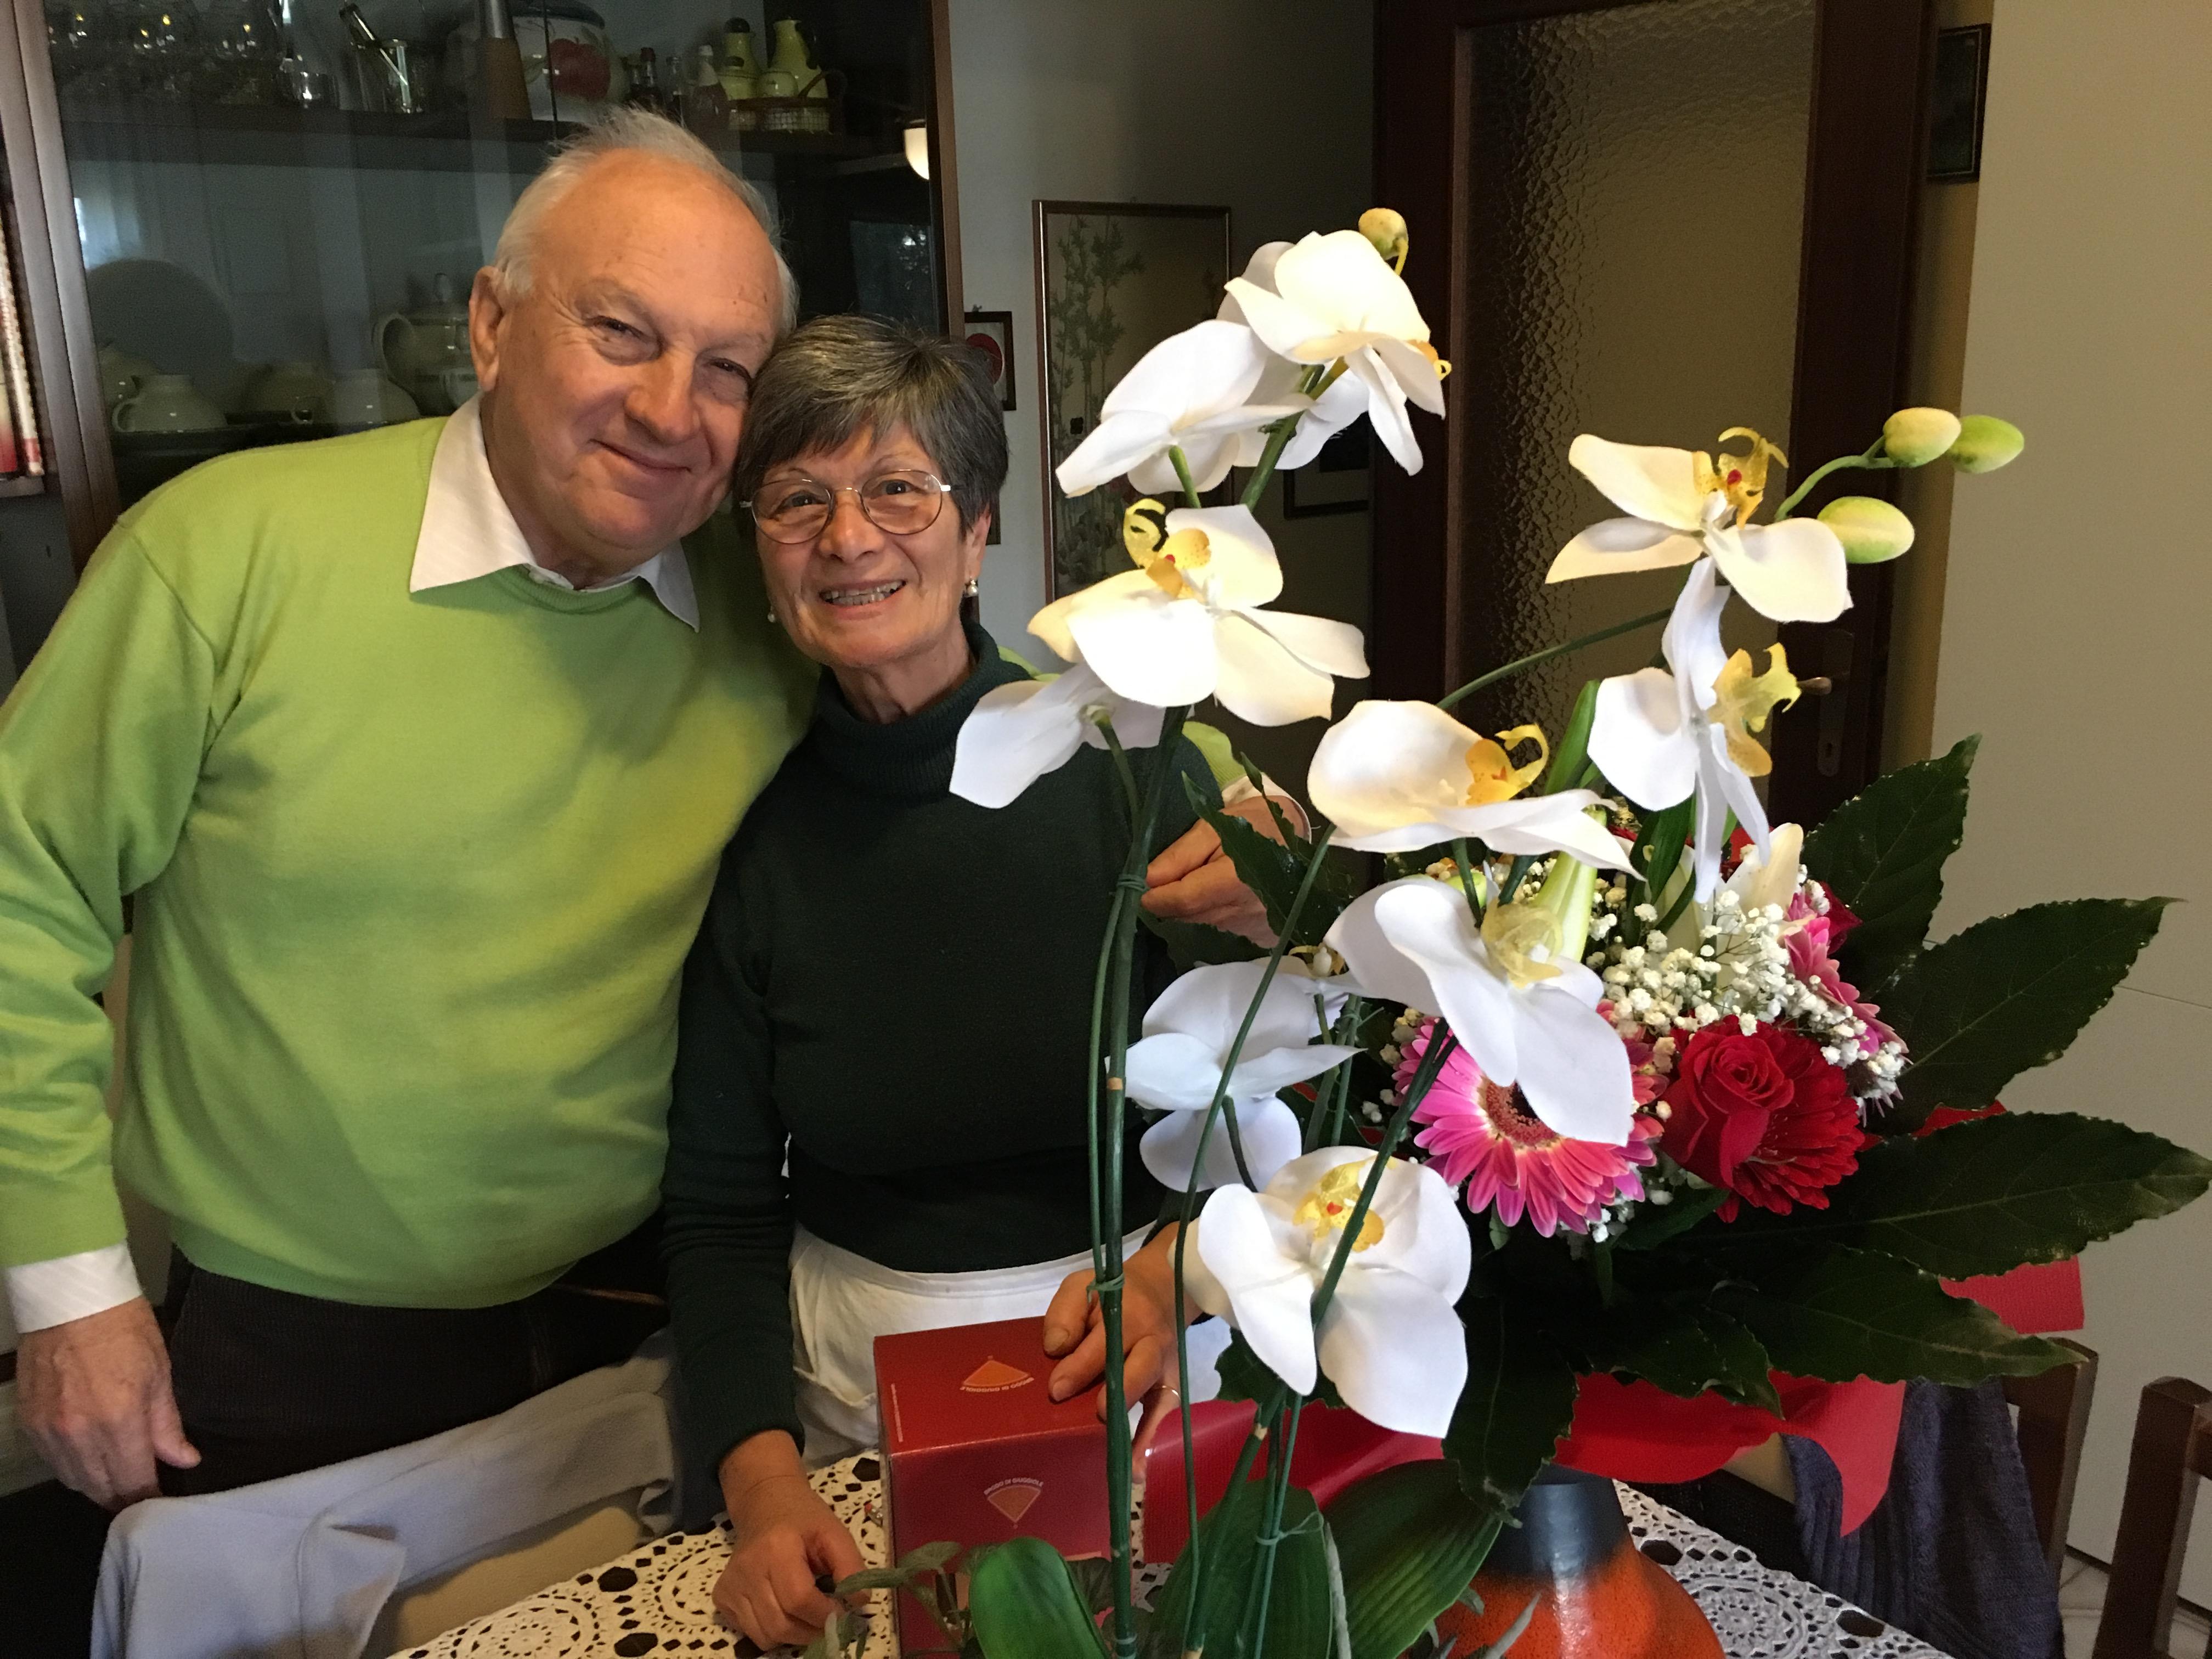 Papà e mamma a casa, il 6 dicembre 2016, 47 ennesimo anniversario del loro matrimonio.